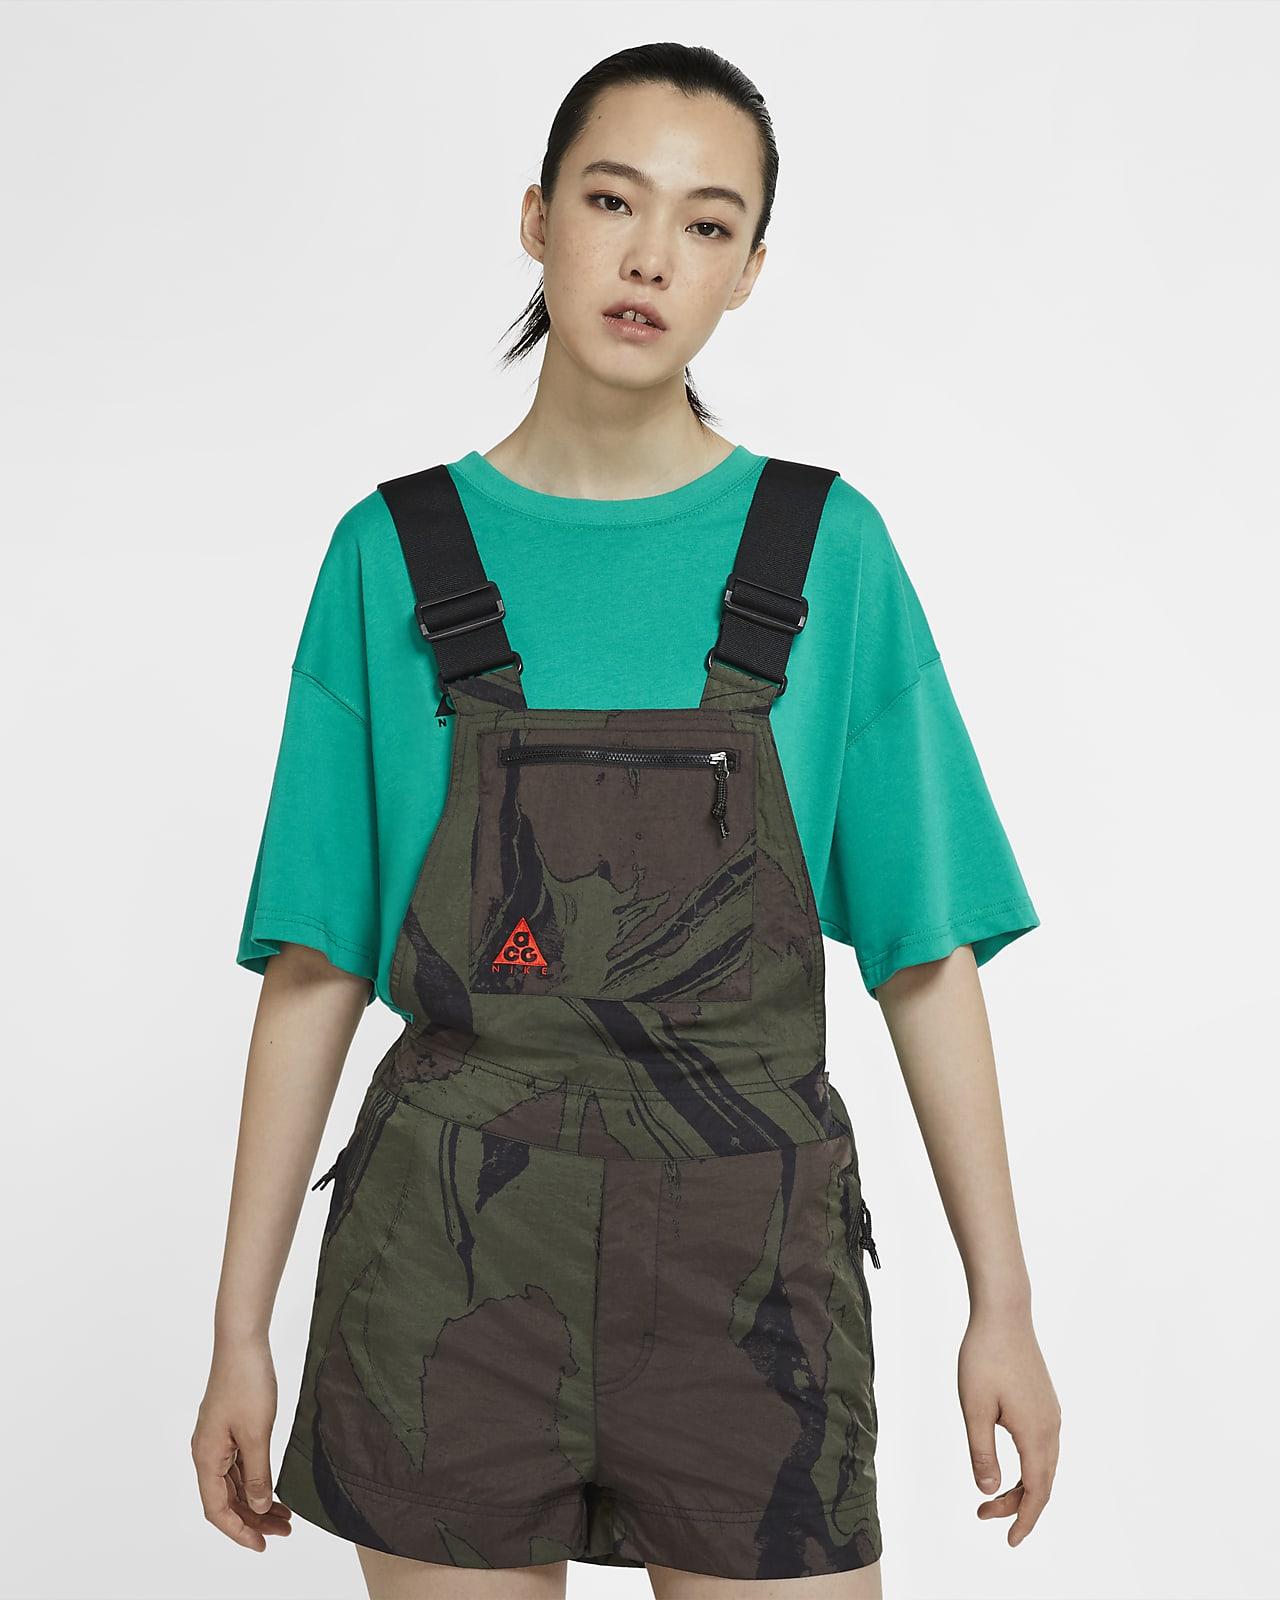 Γυναικεία φόρμα εργασίας Nike ACG Mt. Fuji